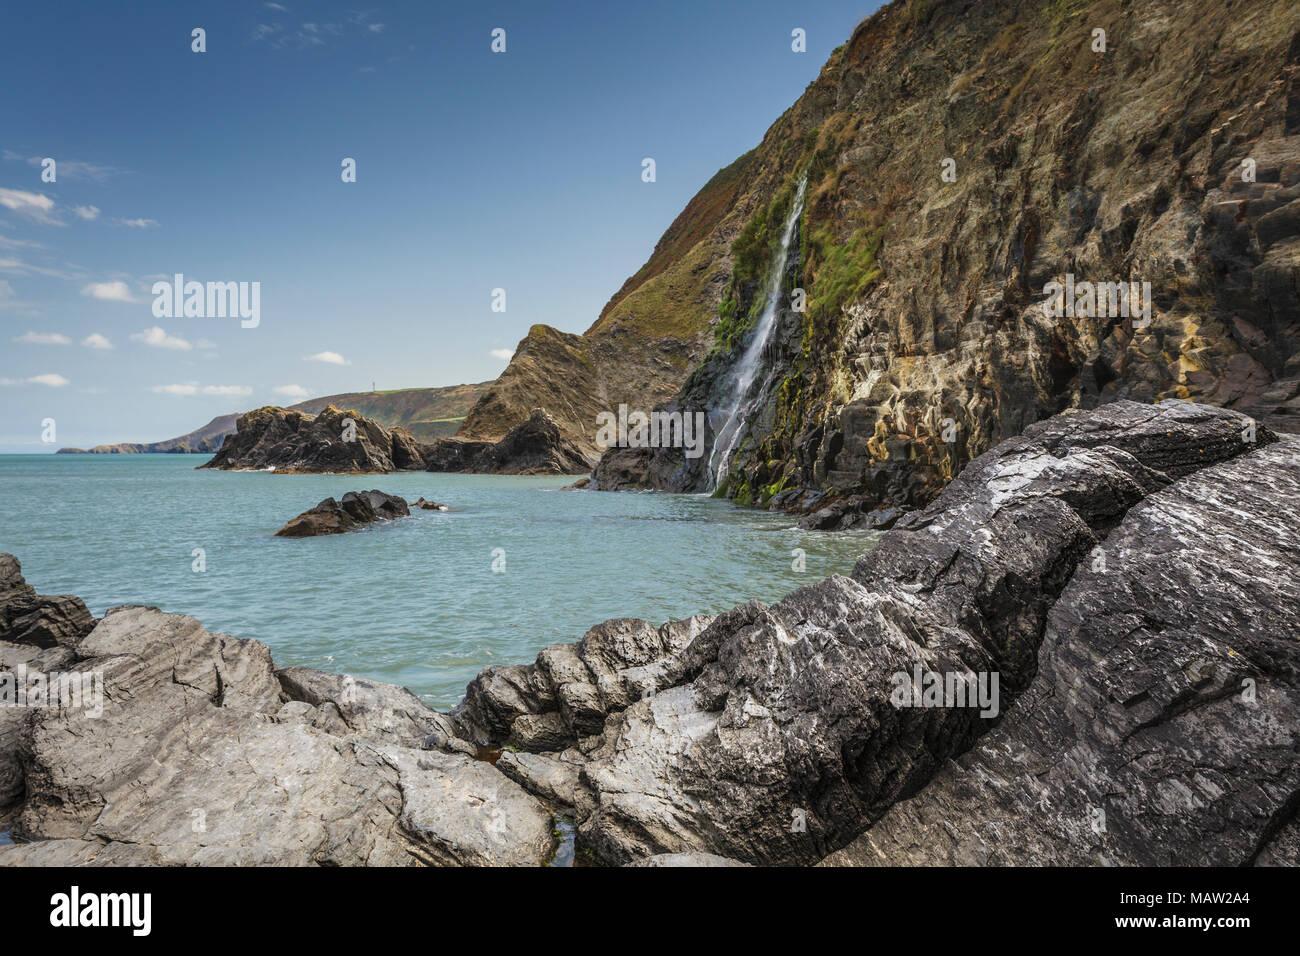 Tresaith on the Ceredigion Coast, West Wales Stock Photo